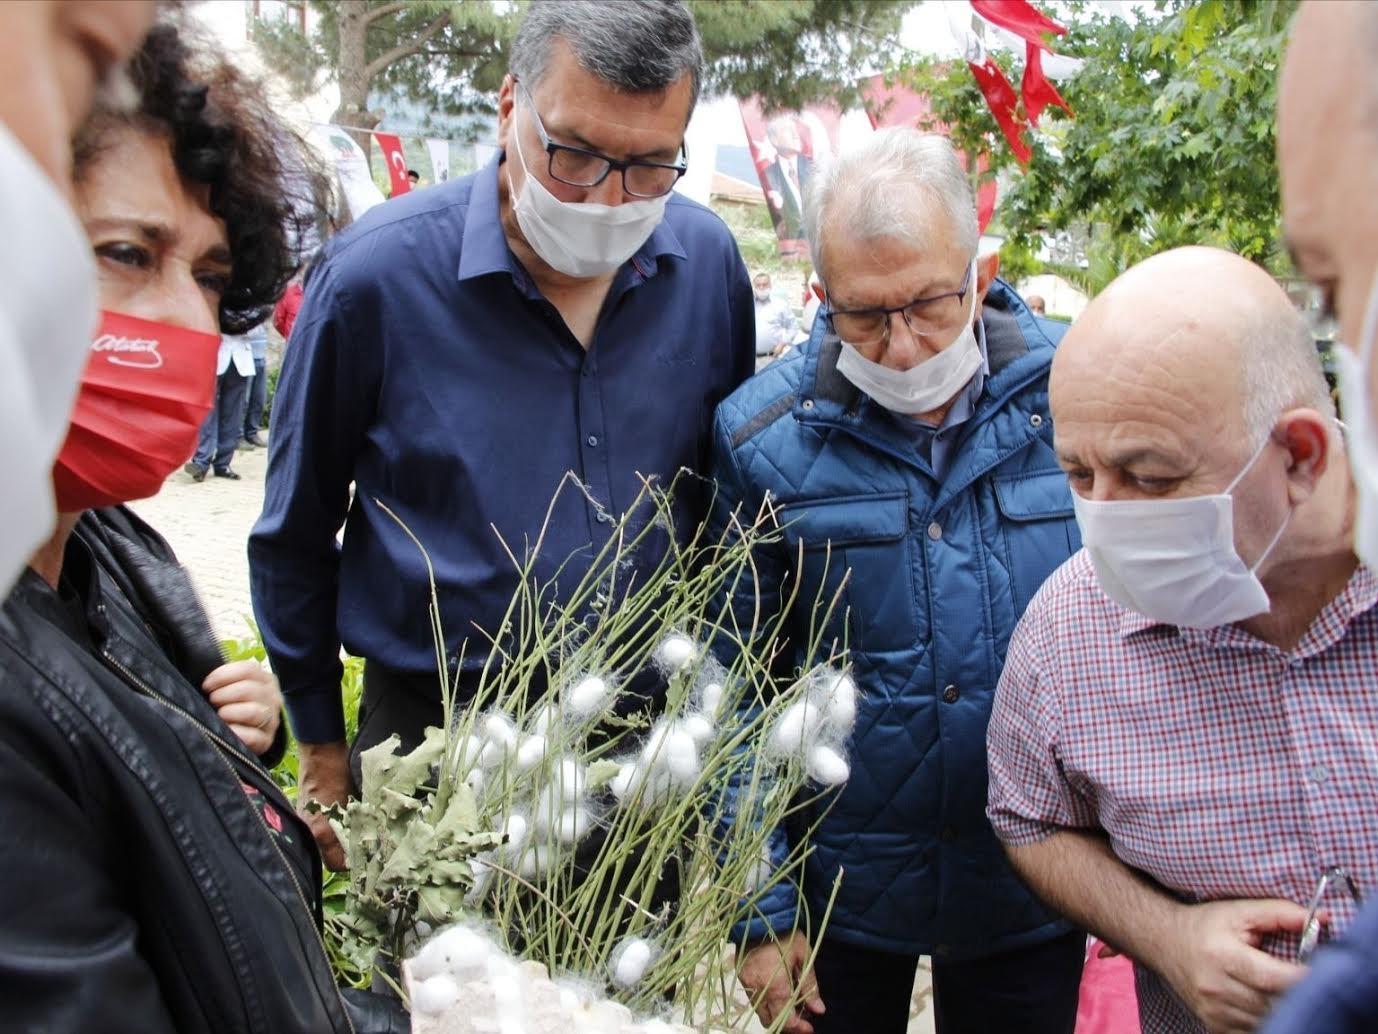 Ödemiş'in ipekböcekçiliği projesinde hasat zamanı